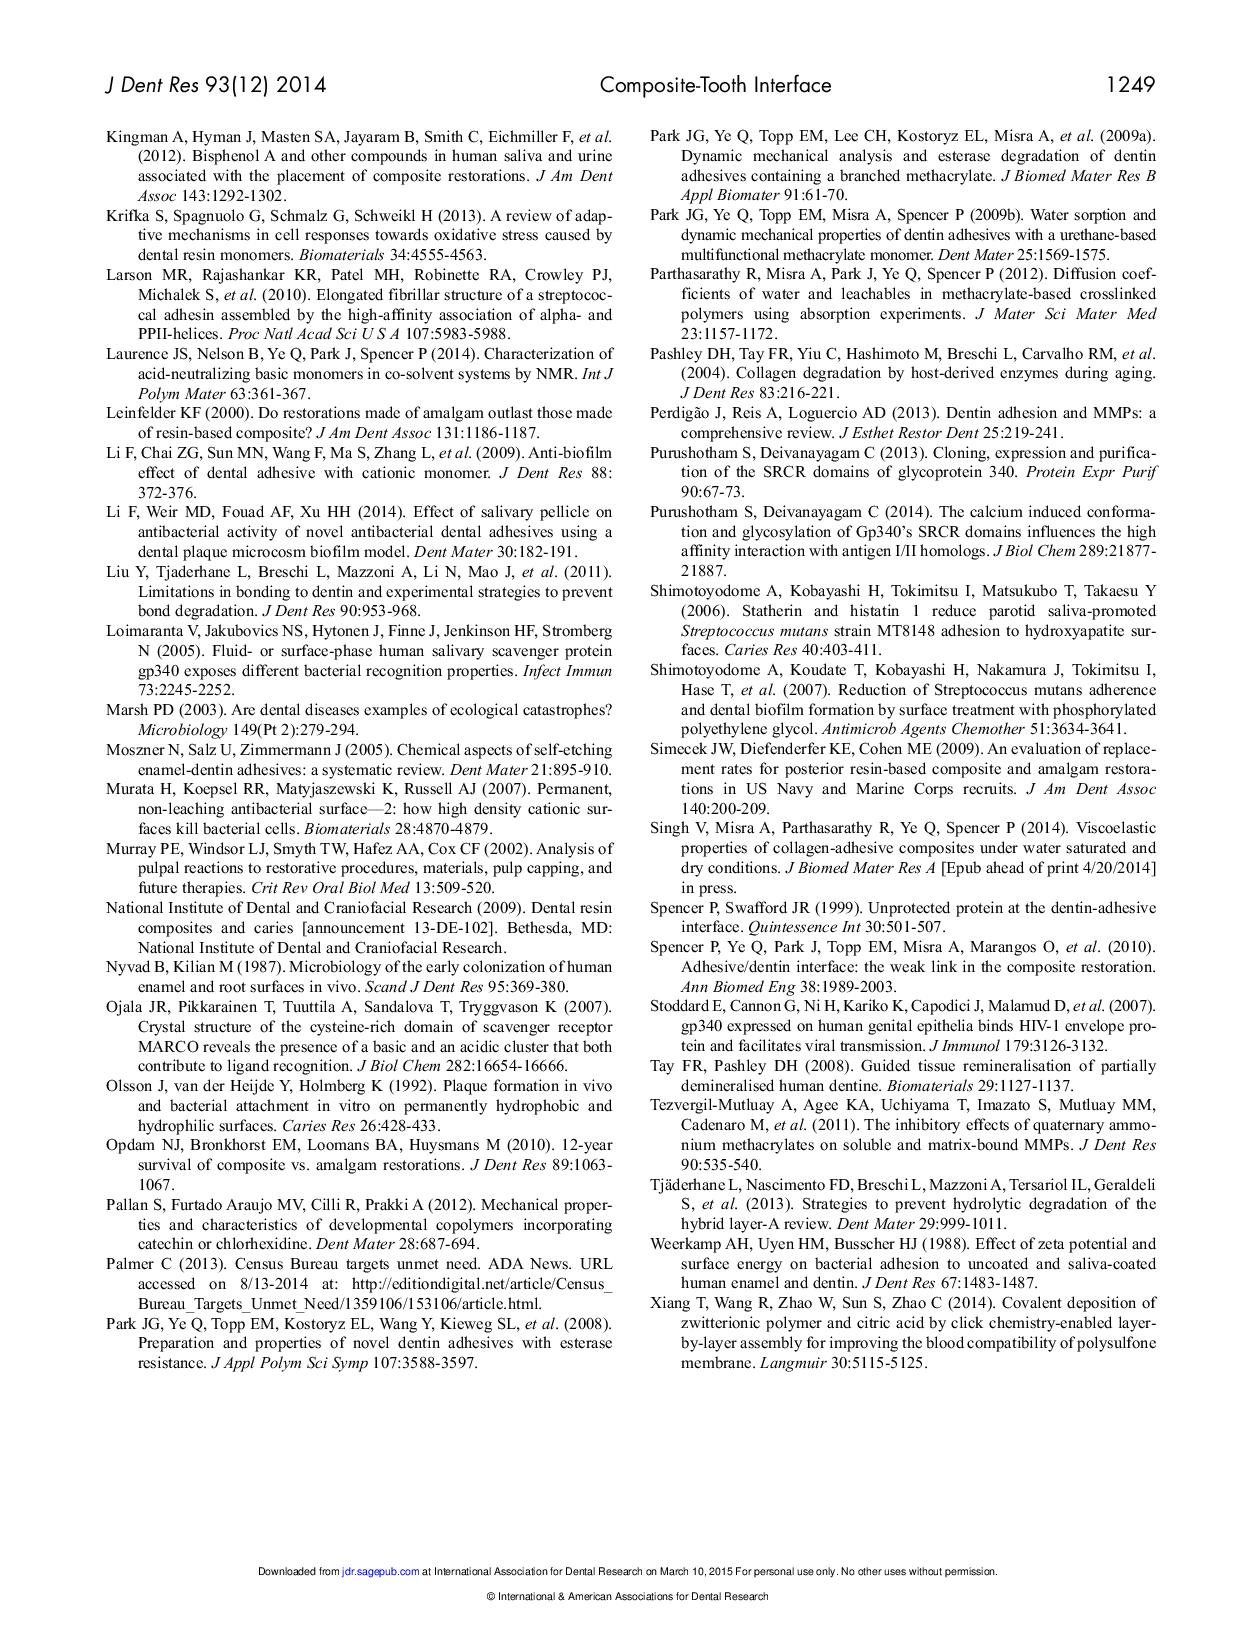 J DENT RES-2014-Spencer-1243-9-page-007